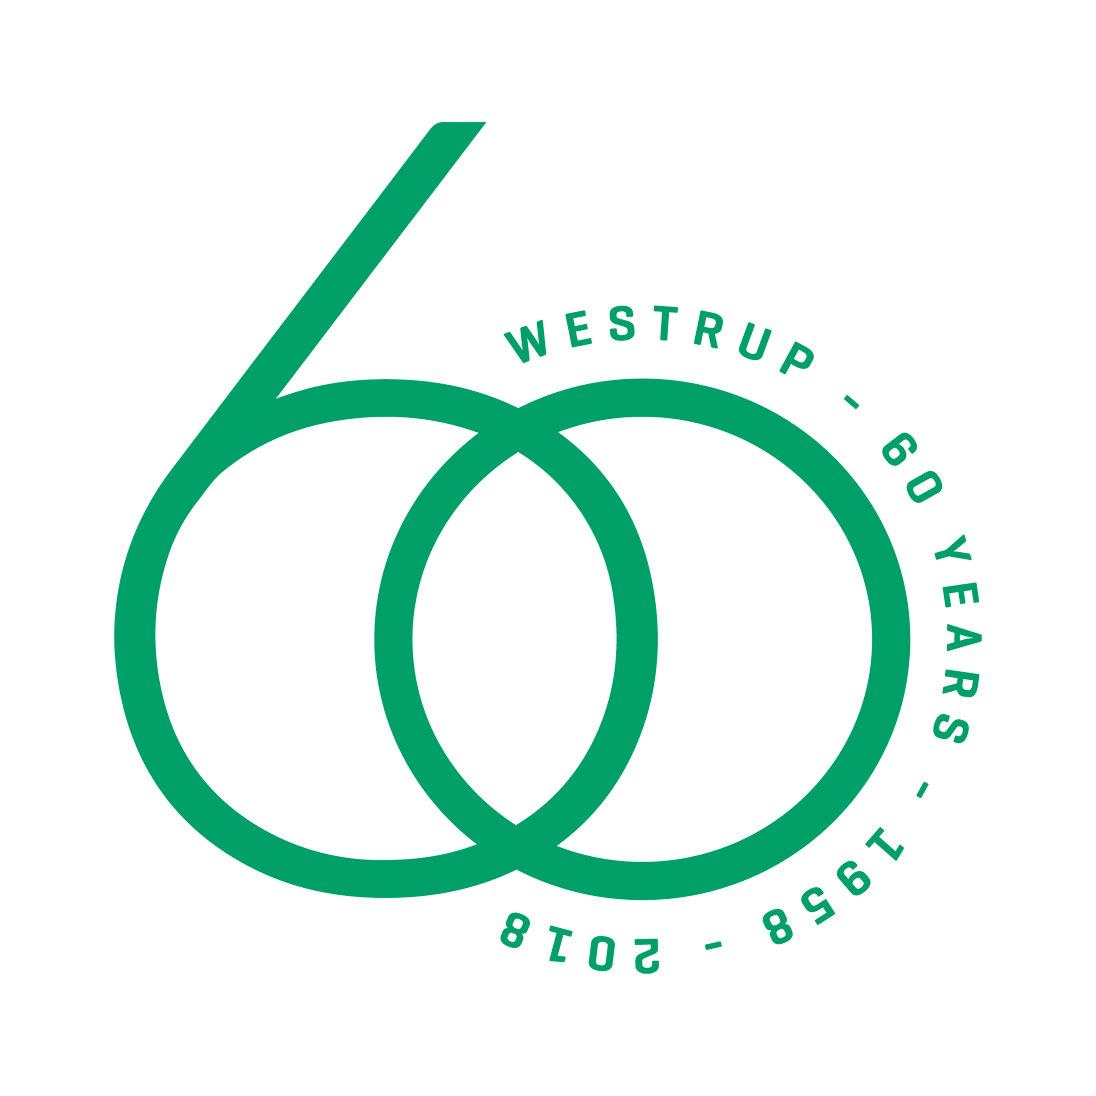 ....Westrup's 60th anniversary ..60ème anniversaire de Westrup ..60. Firmenjubiläum von Westrup ..伟世卓60 周年庆 ..60-я годовщина Westrup ....